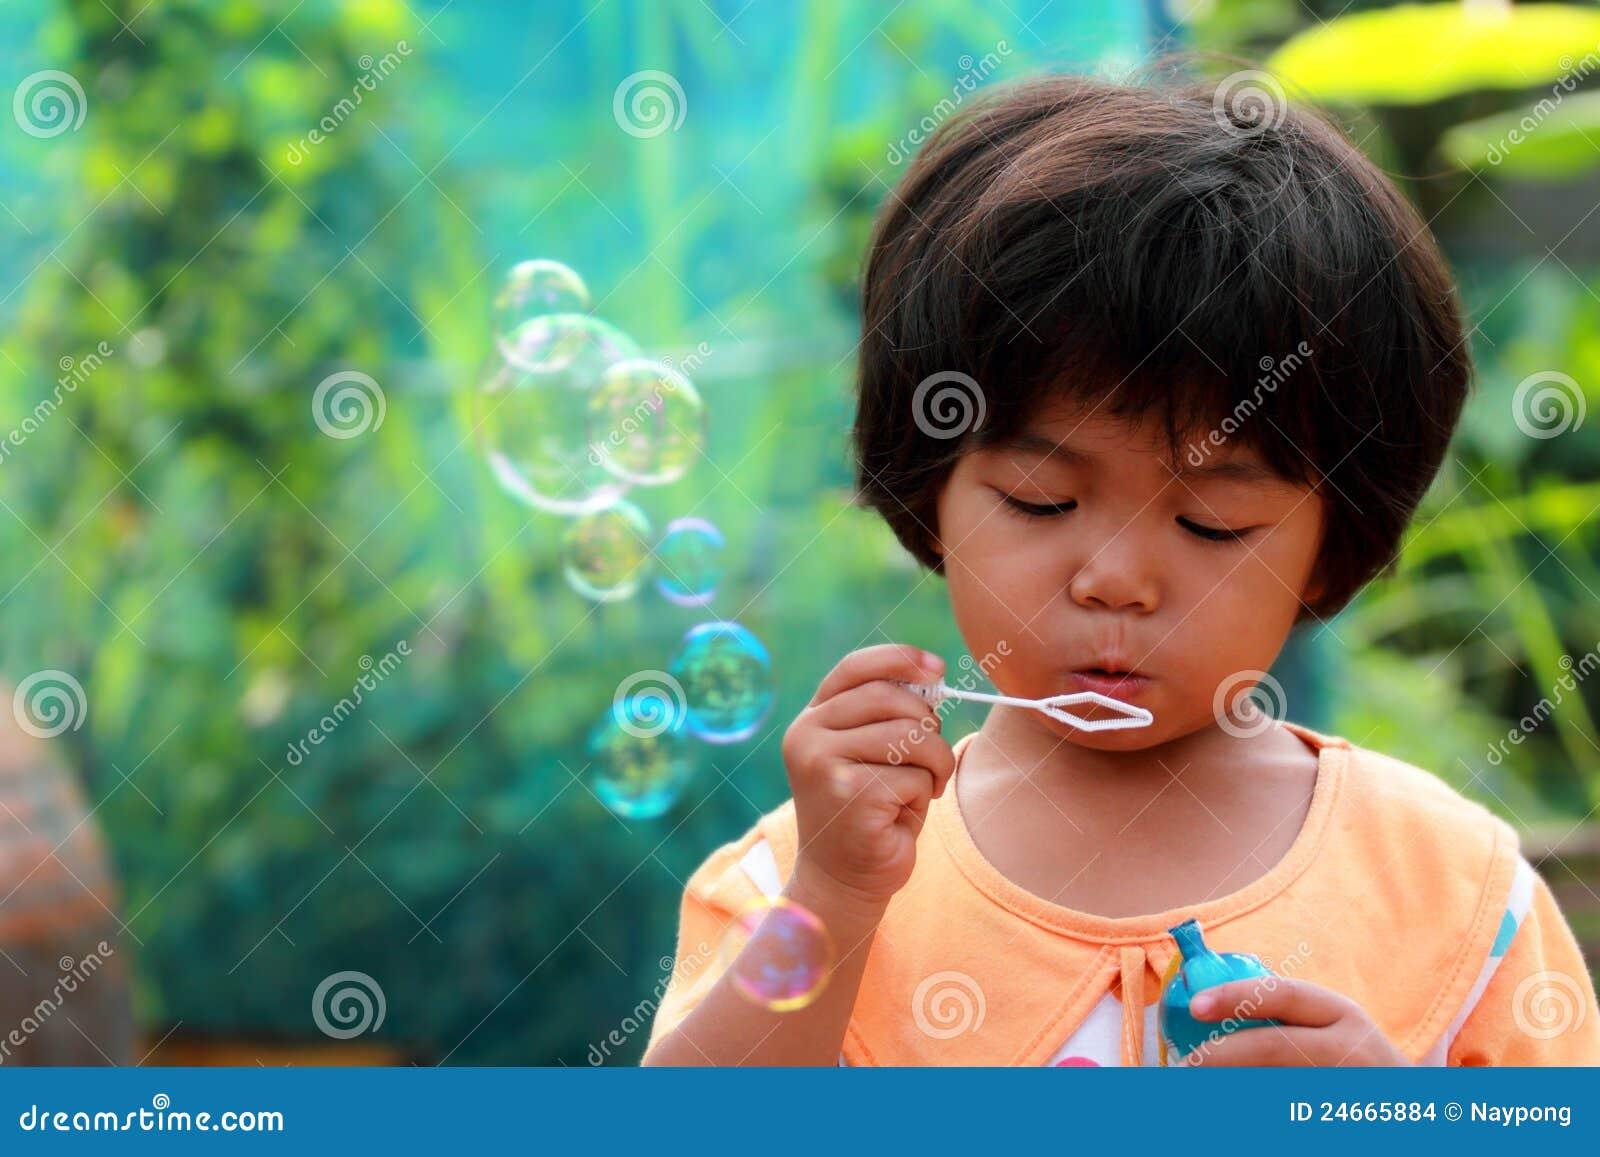 Тайские маленькие девочки 10 фотография